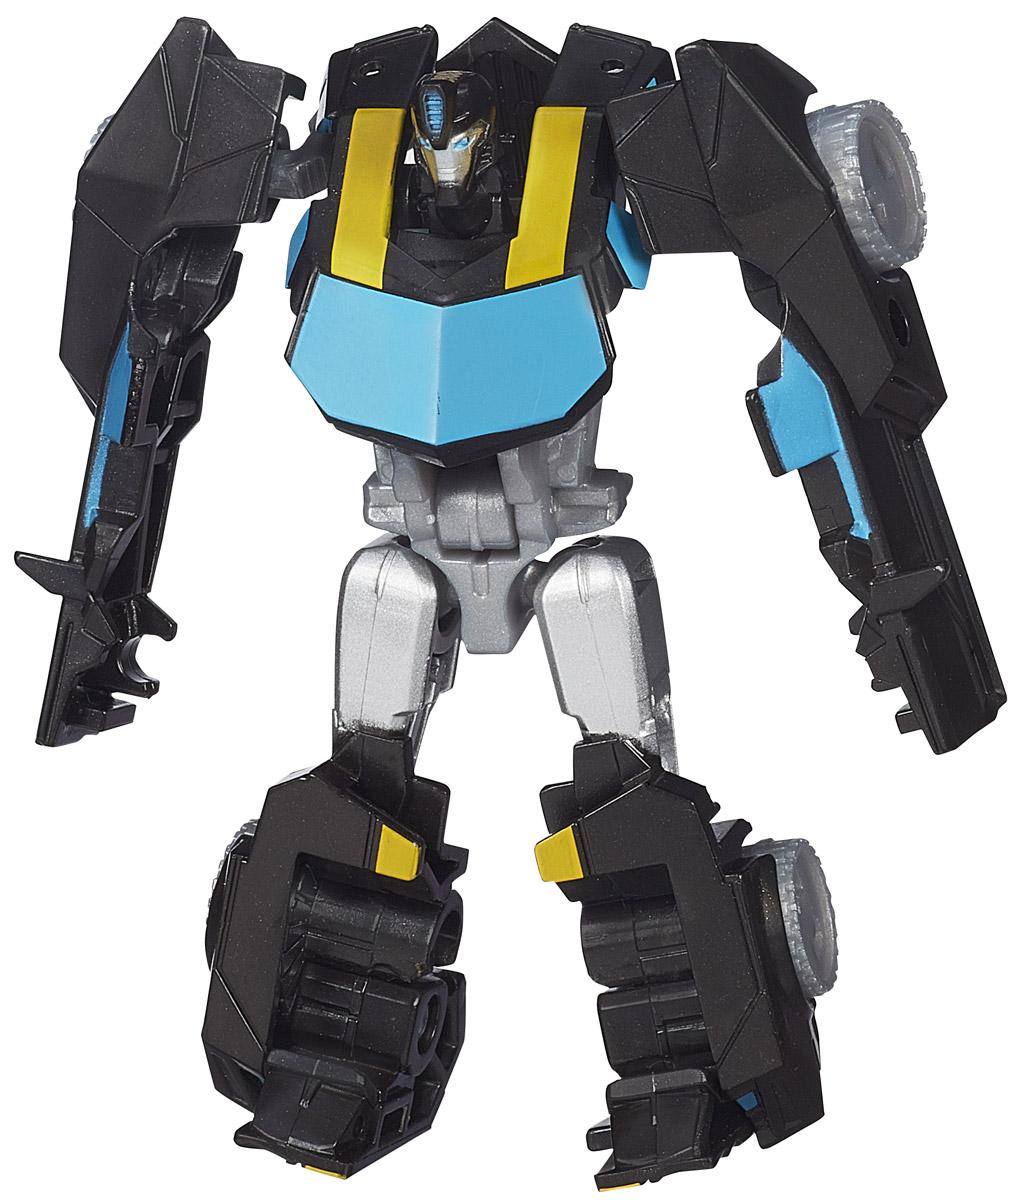 Transformers Трансформер BumblebeeB0065_B2976Трансформер Transformers Bumblebee непременно понравится всем юным поклонникам знаменитых Трансформеров! Фигурка выполнена из прочного пластика в виде трансформера-автобота Bumblebee. Руки и ноги робота подвижны. В несколько простых шагов малыш сможет трансформировать фигурку робота в транспортное средство. Ребенок с удовольствием будет играть с фигуркой, придумывая разные истории. Порадуйте его таким замечательным подарком!